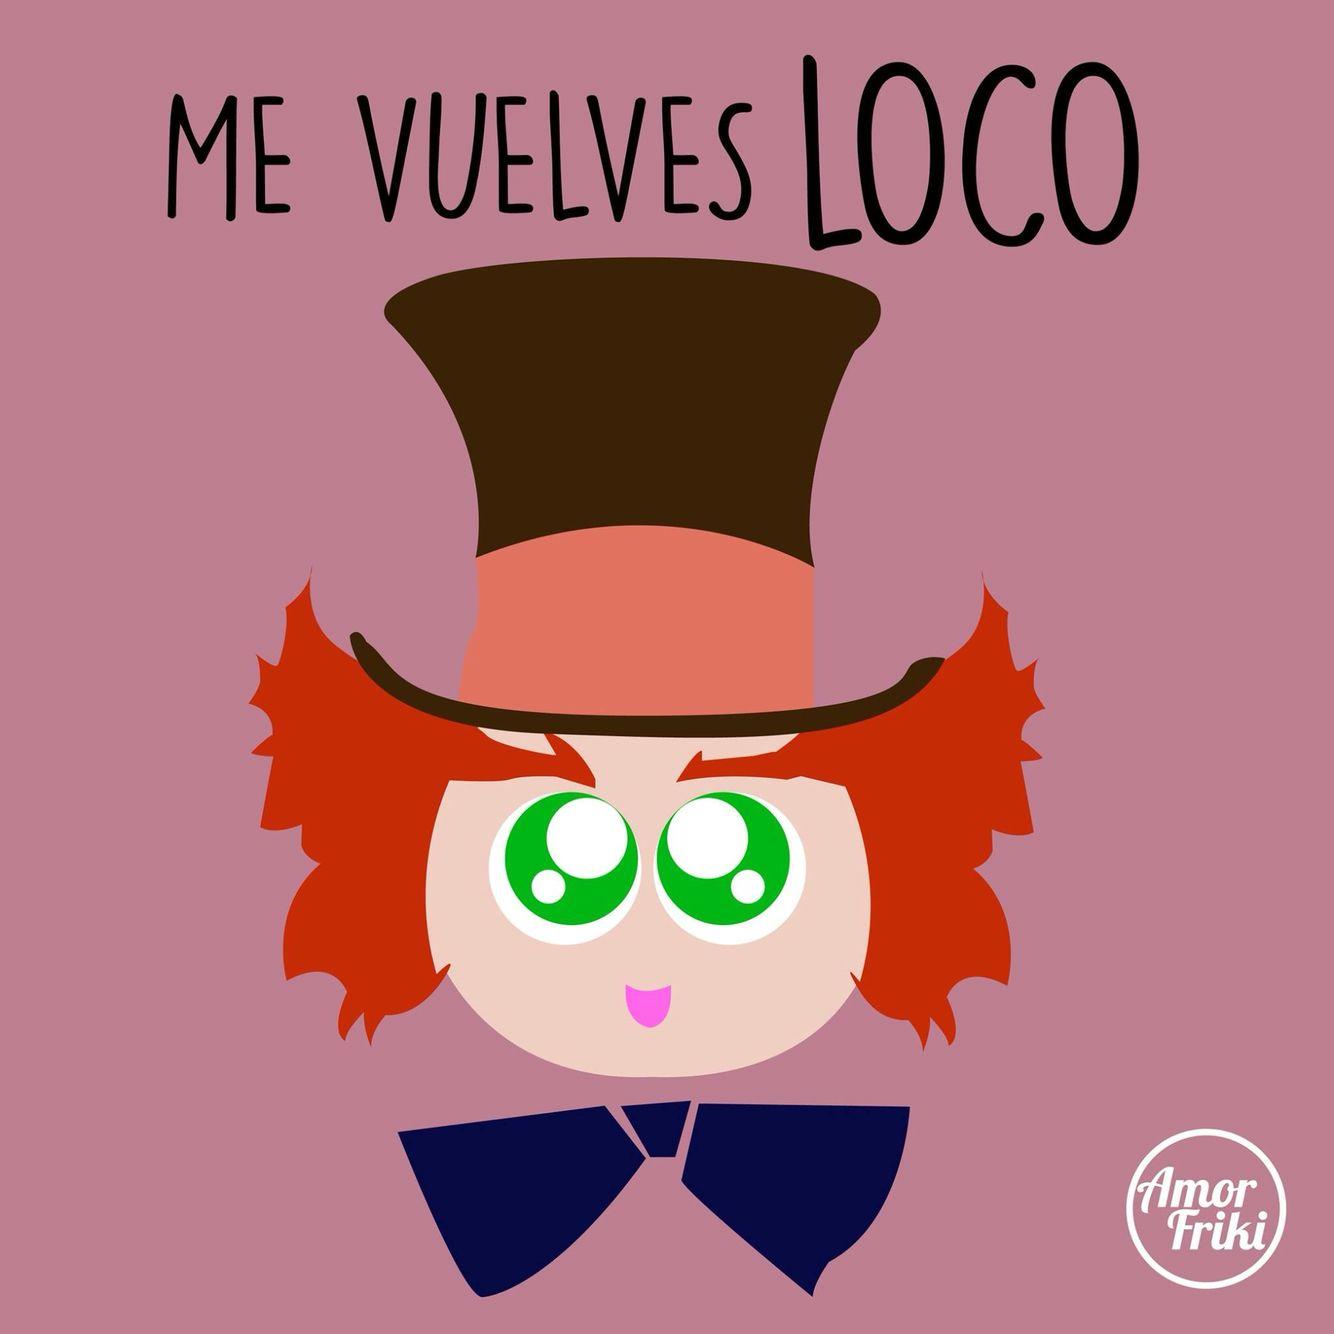 Pin De Margarita Garcia Fuentes En Cositas Tiernas Pinterest